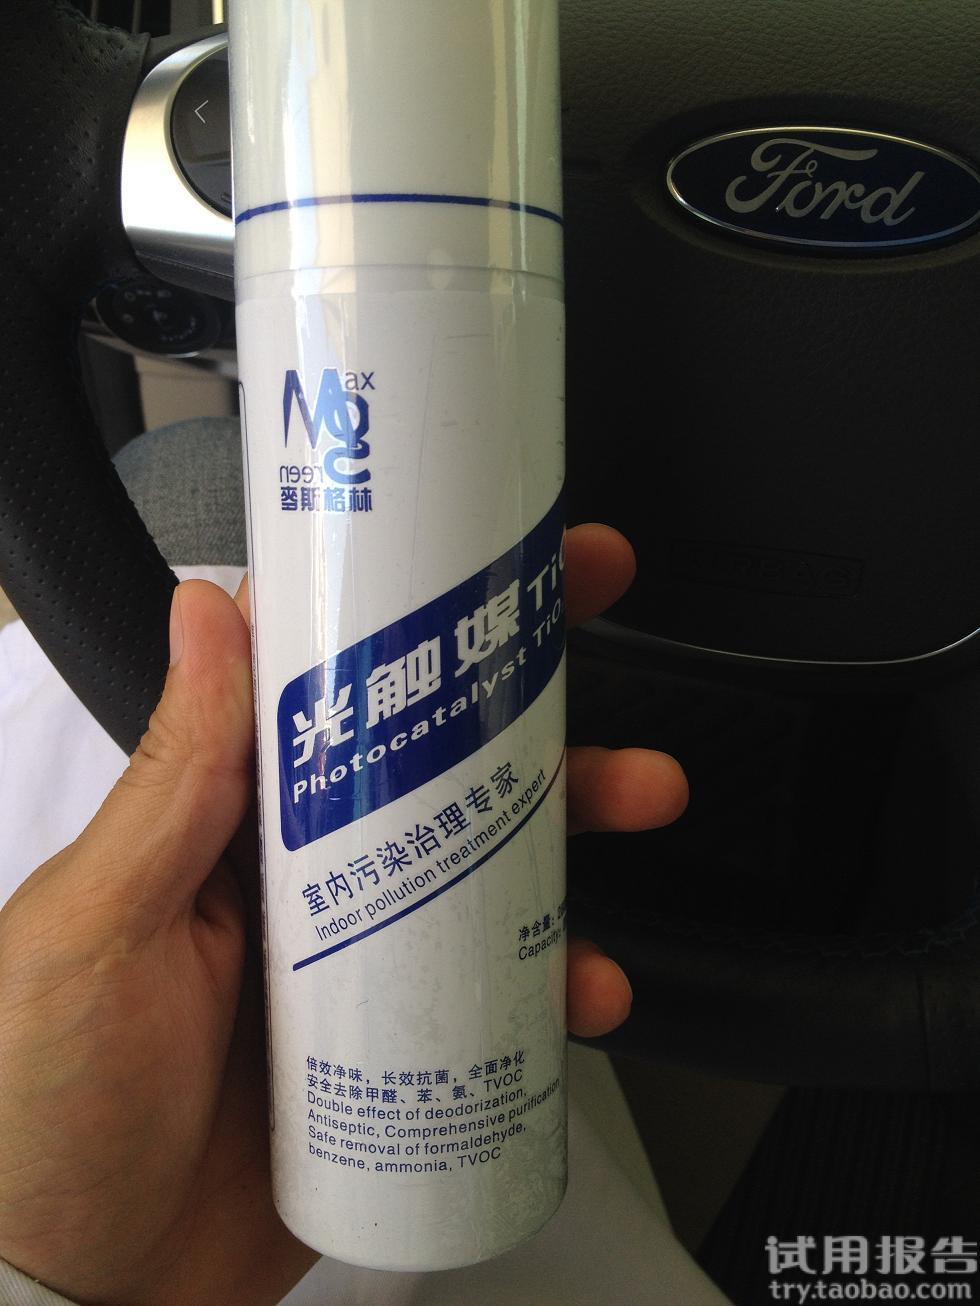 光触媒除甲醛科学,在车上试过效果显著